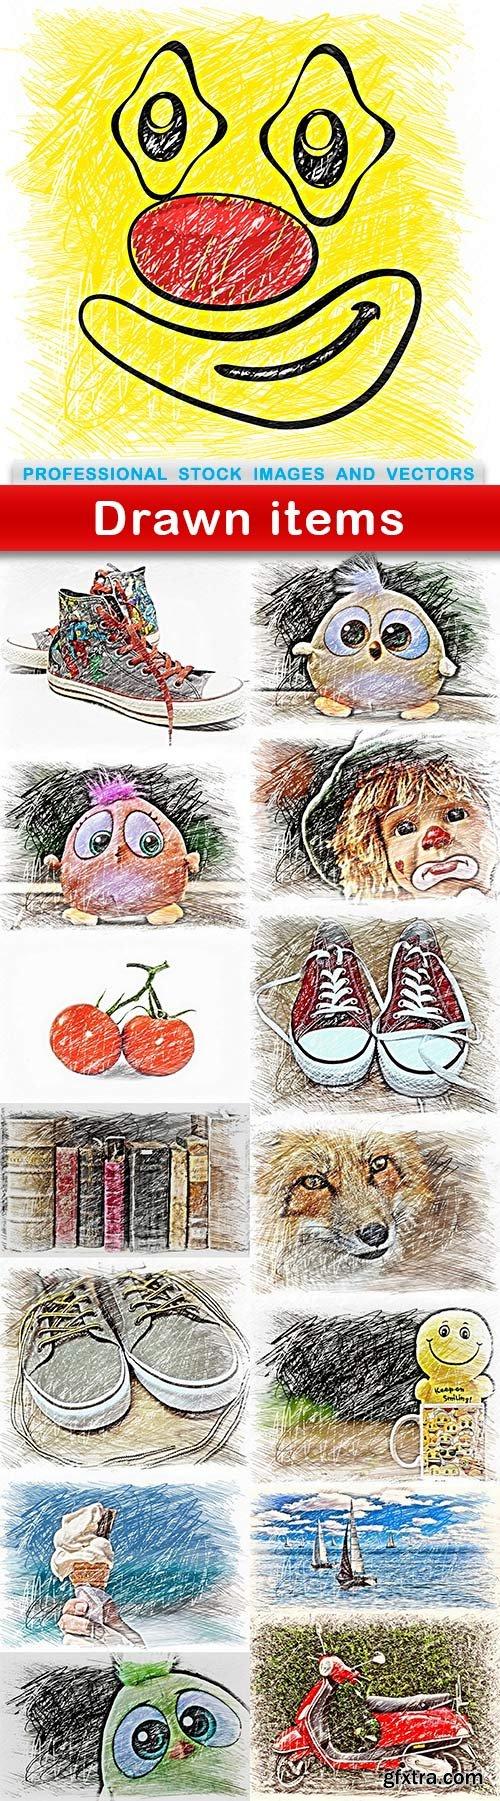 Drawn items - 15 UHQ JPEG